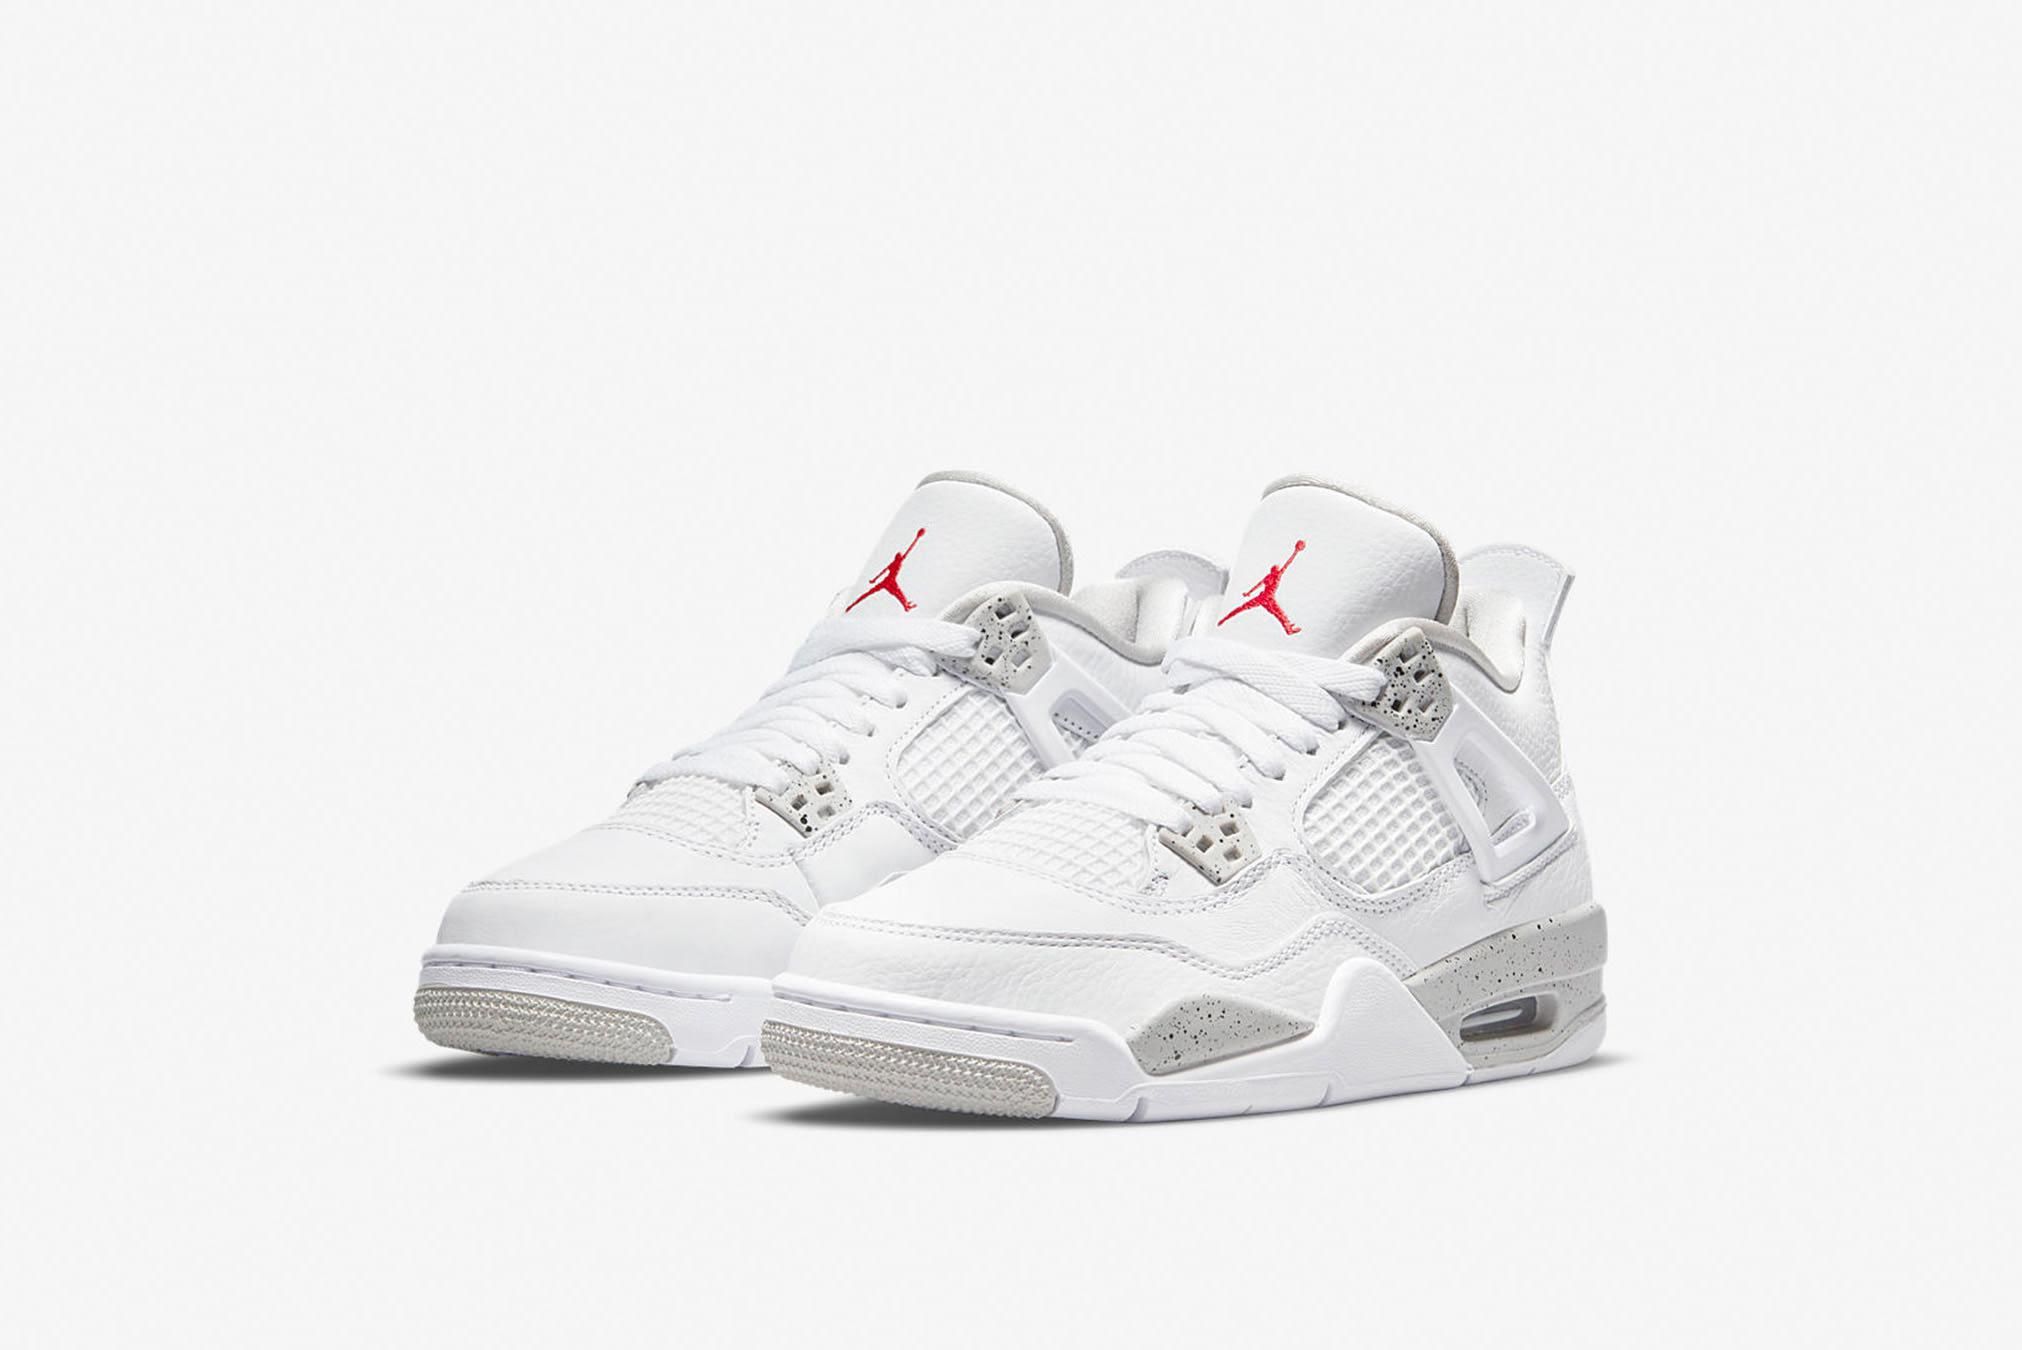 Air Jordan 4 Retro BG - DJ4699-100